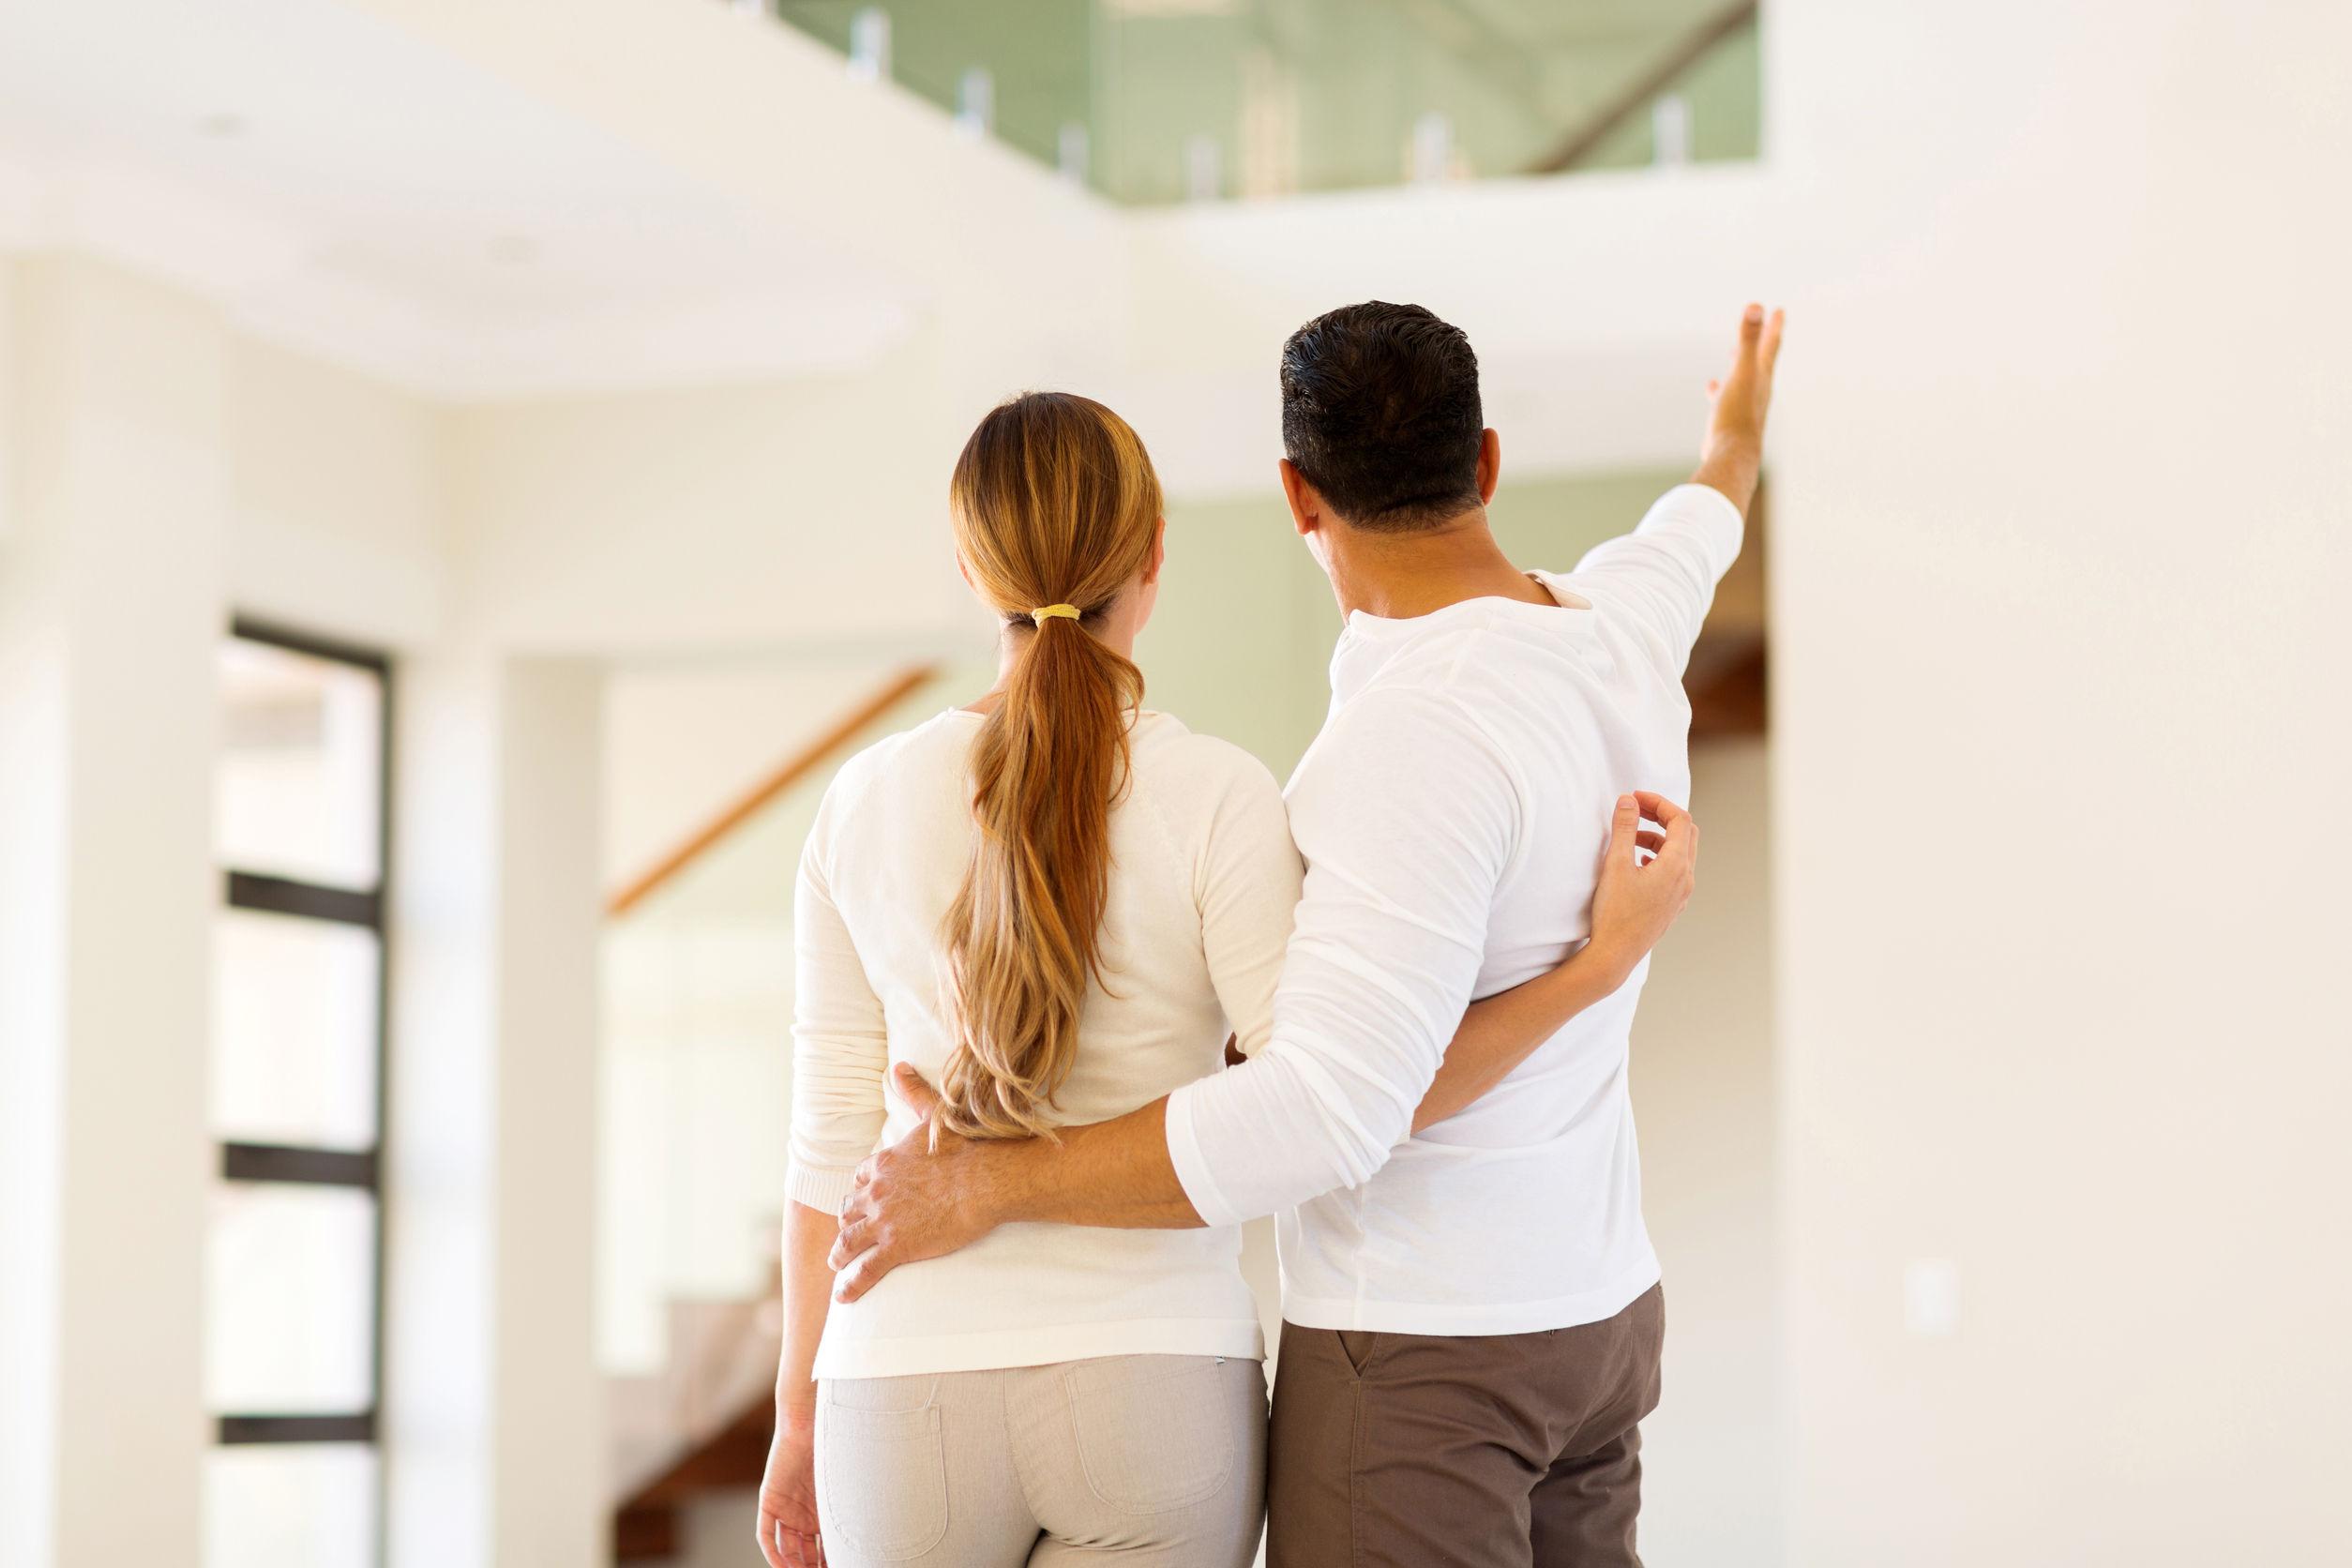 Mencari rumah kontrakan perlu memperhitungkan keuangan secara matang agar rencana menjadi lancar. (Sumber: Pexels.com)